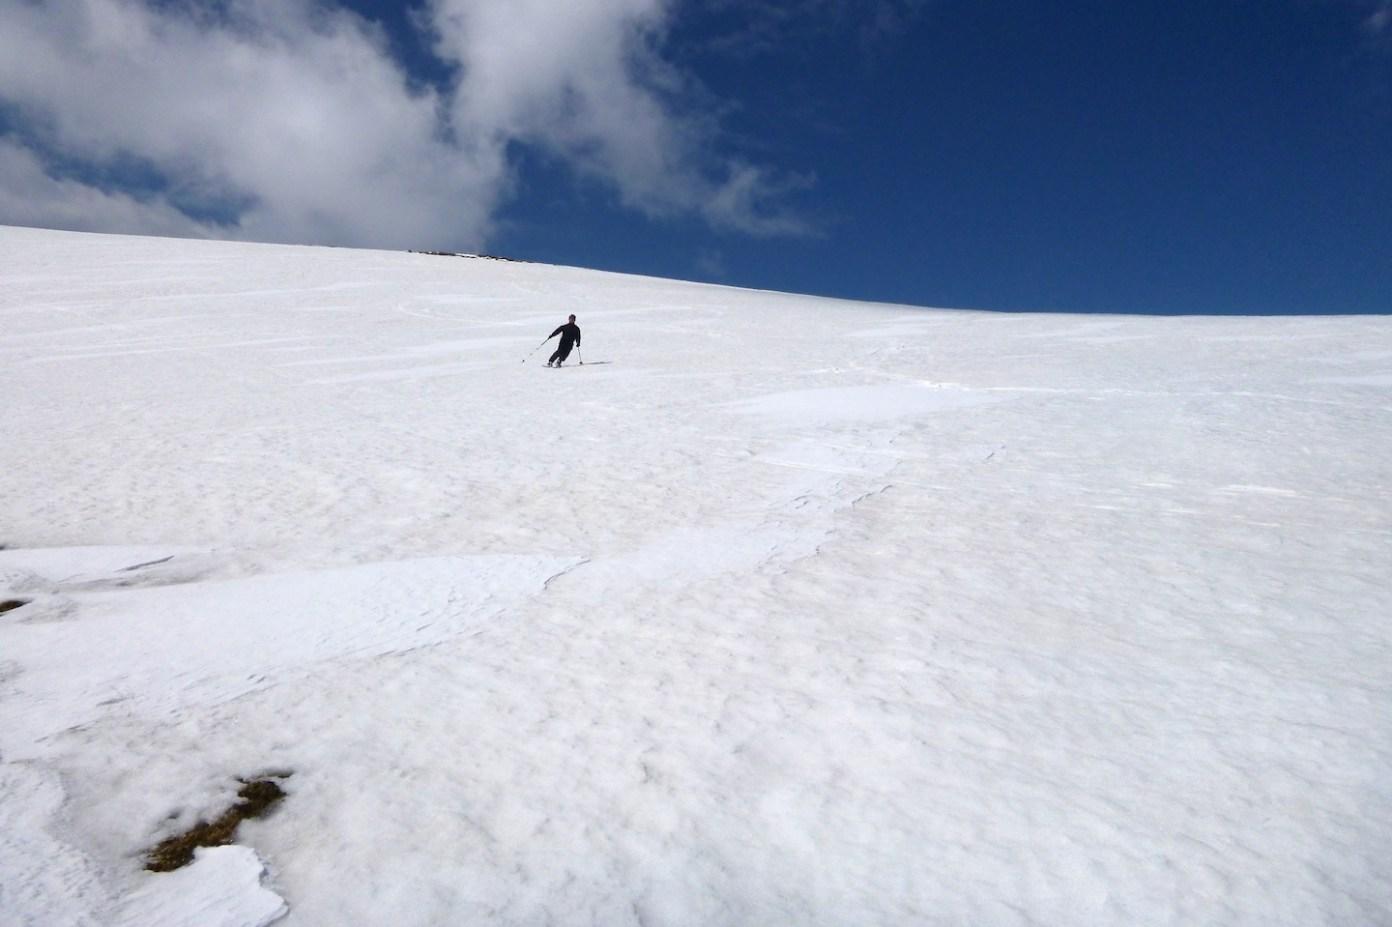 Pár oblouků a počáteční nedůvěra ve sněhovou pokrývku je pryč...